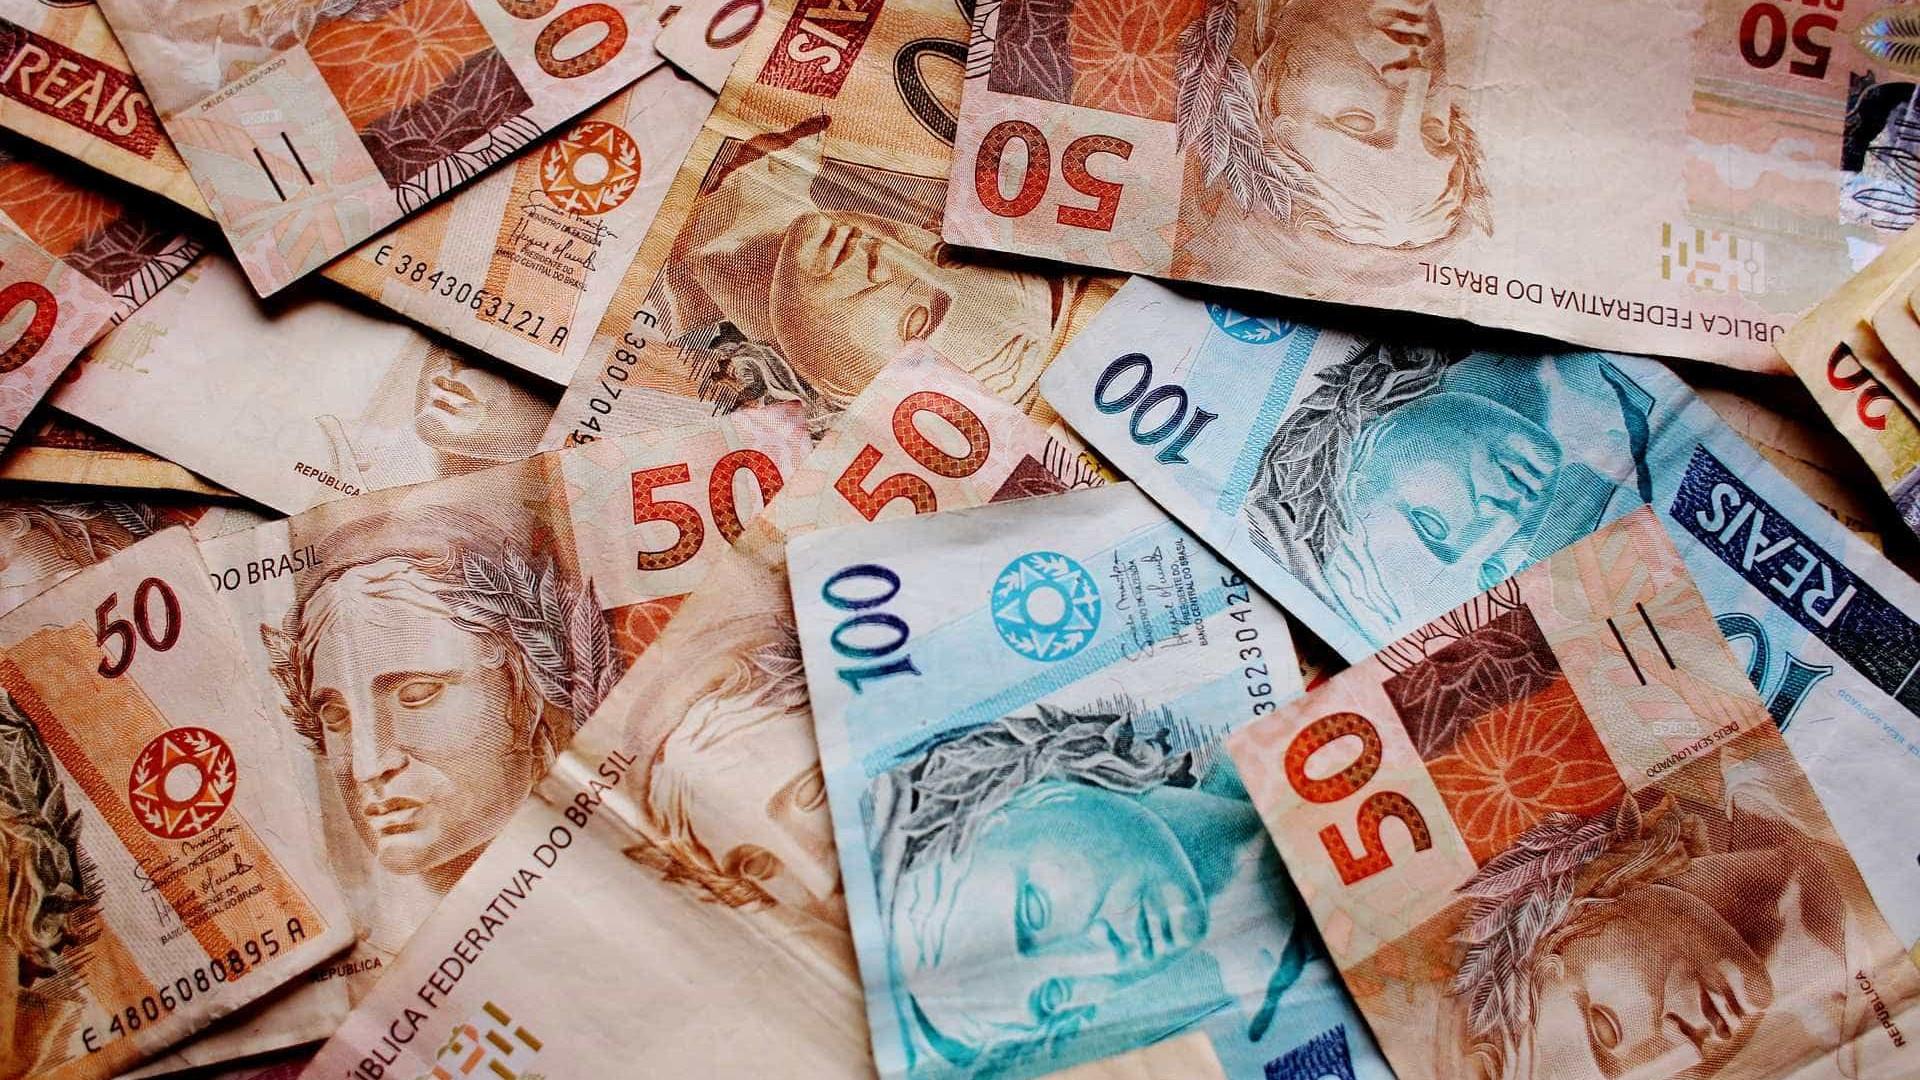 Prazo de saque do abono salarial 2016 termina nesta semana